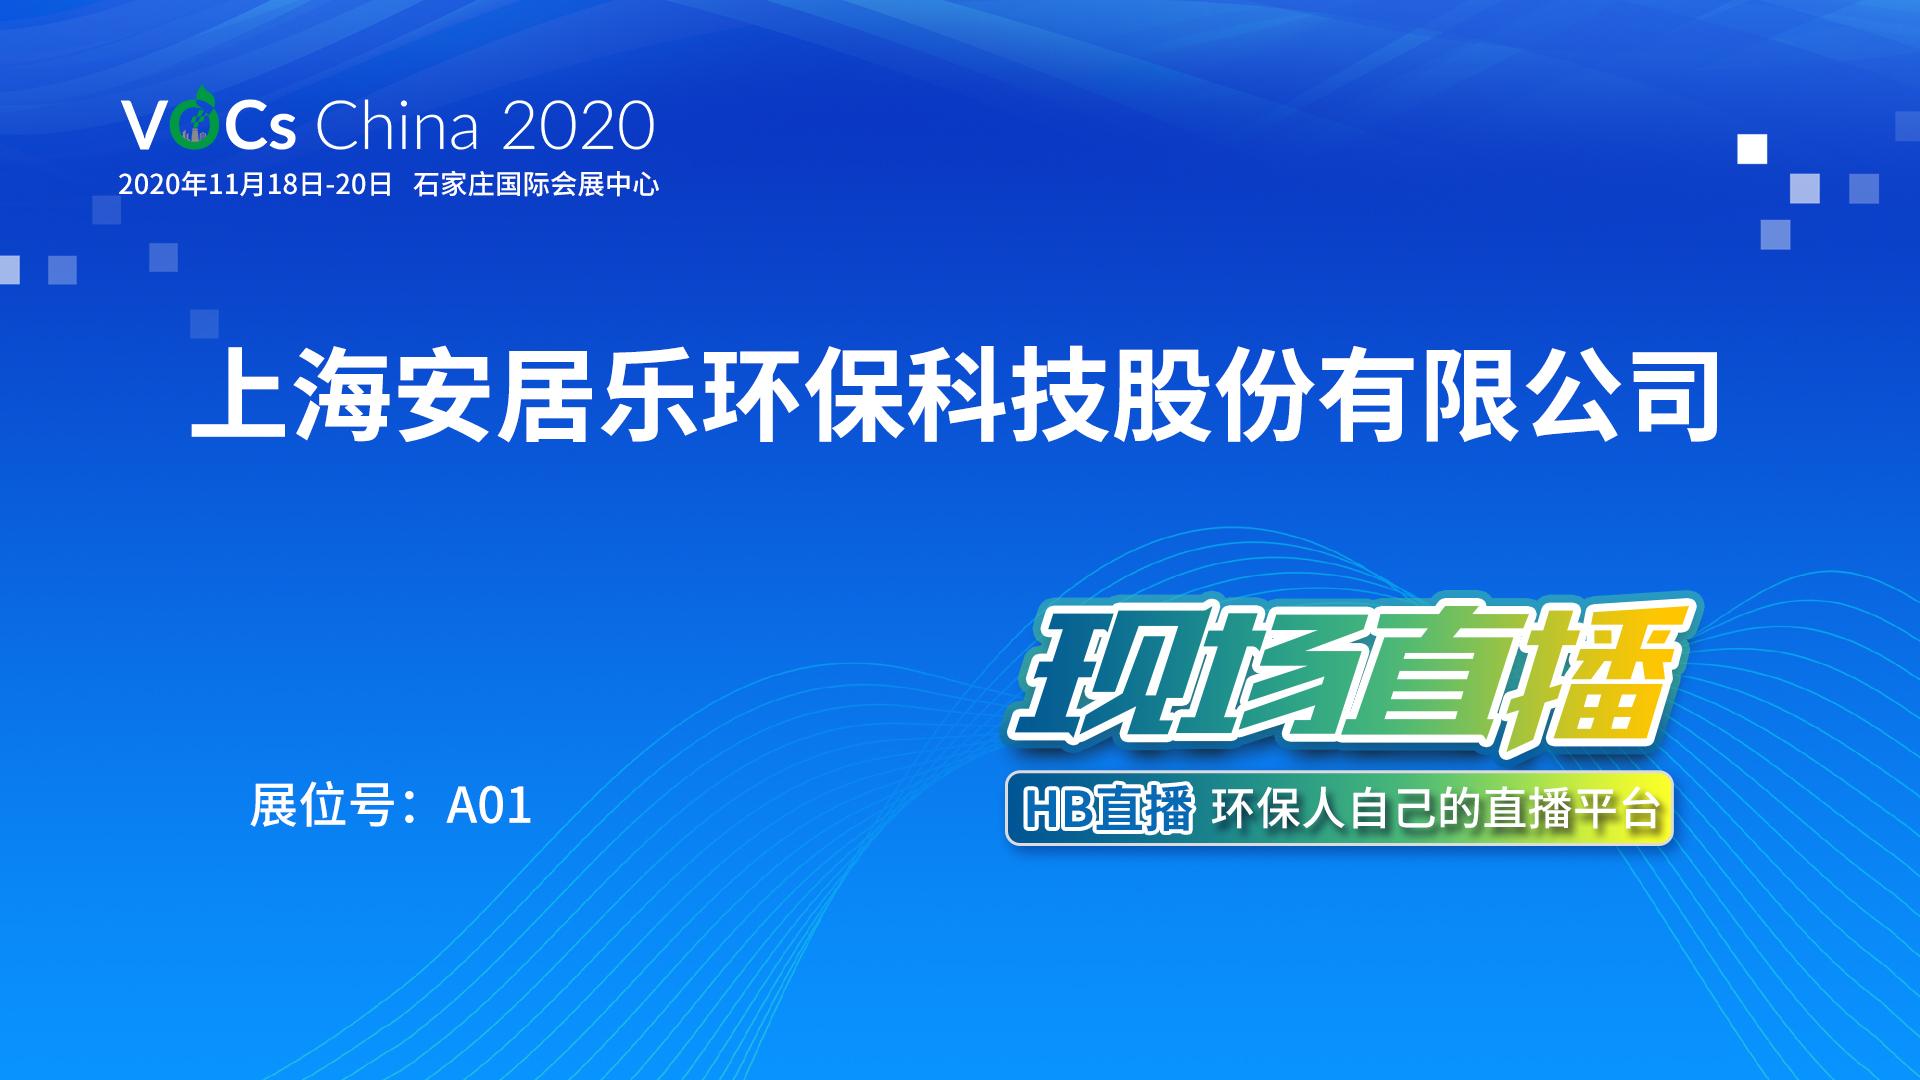 直播推荐:安居乐环保VOCs治理 蓄热式焚烧技术